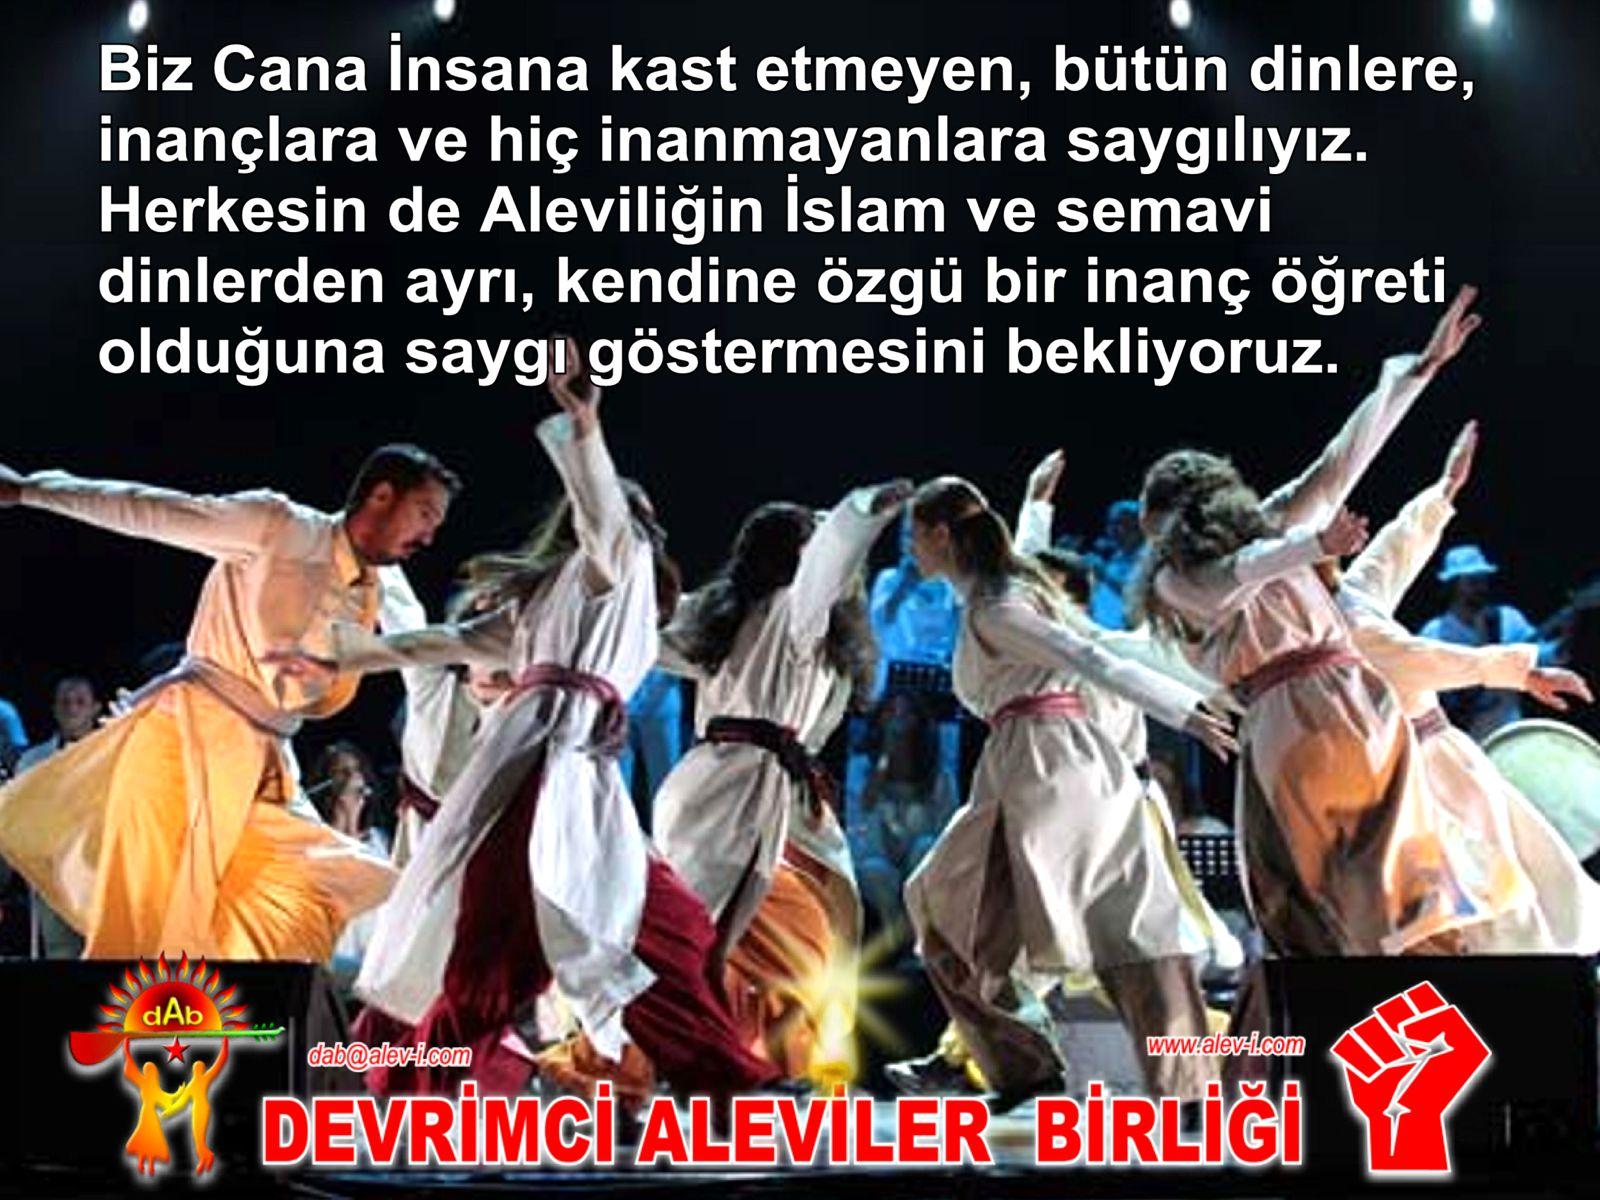 Devrimci Aleviler Birliği DAB Alevi Kızılbaş Bektaşi pir sultan cem hz Ali 12 imam semah Feramuz Şah Acar islamdan ayri alevi saygii goster